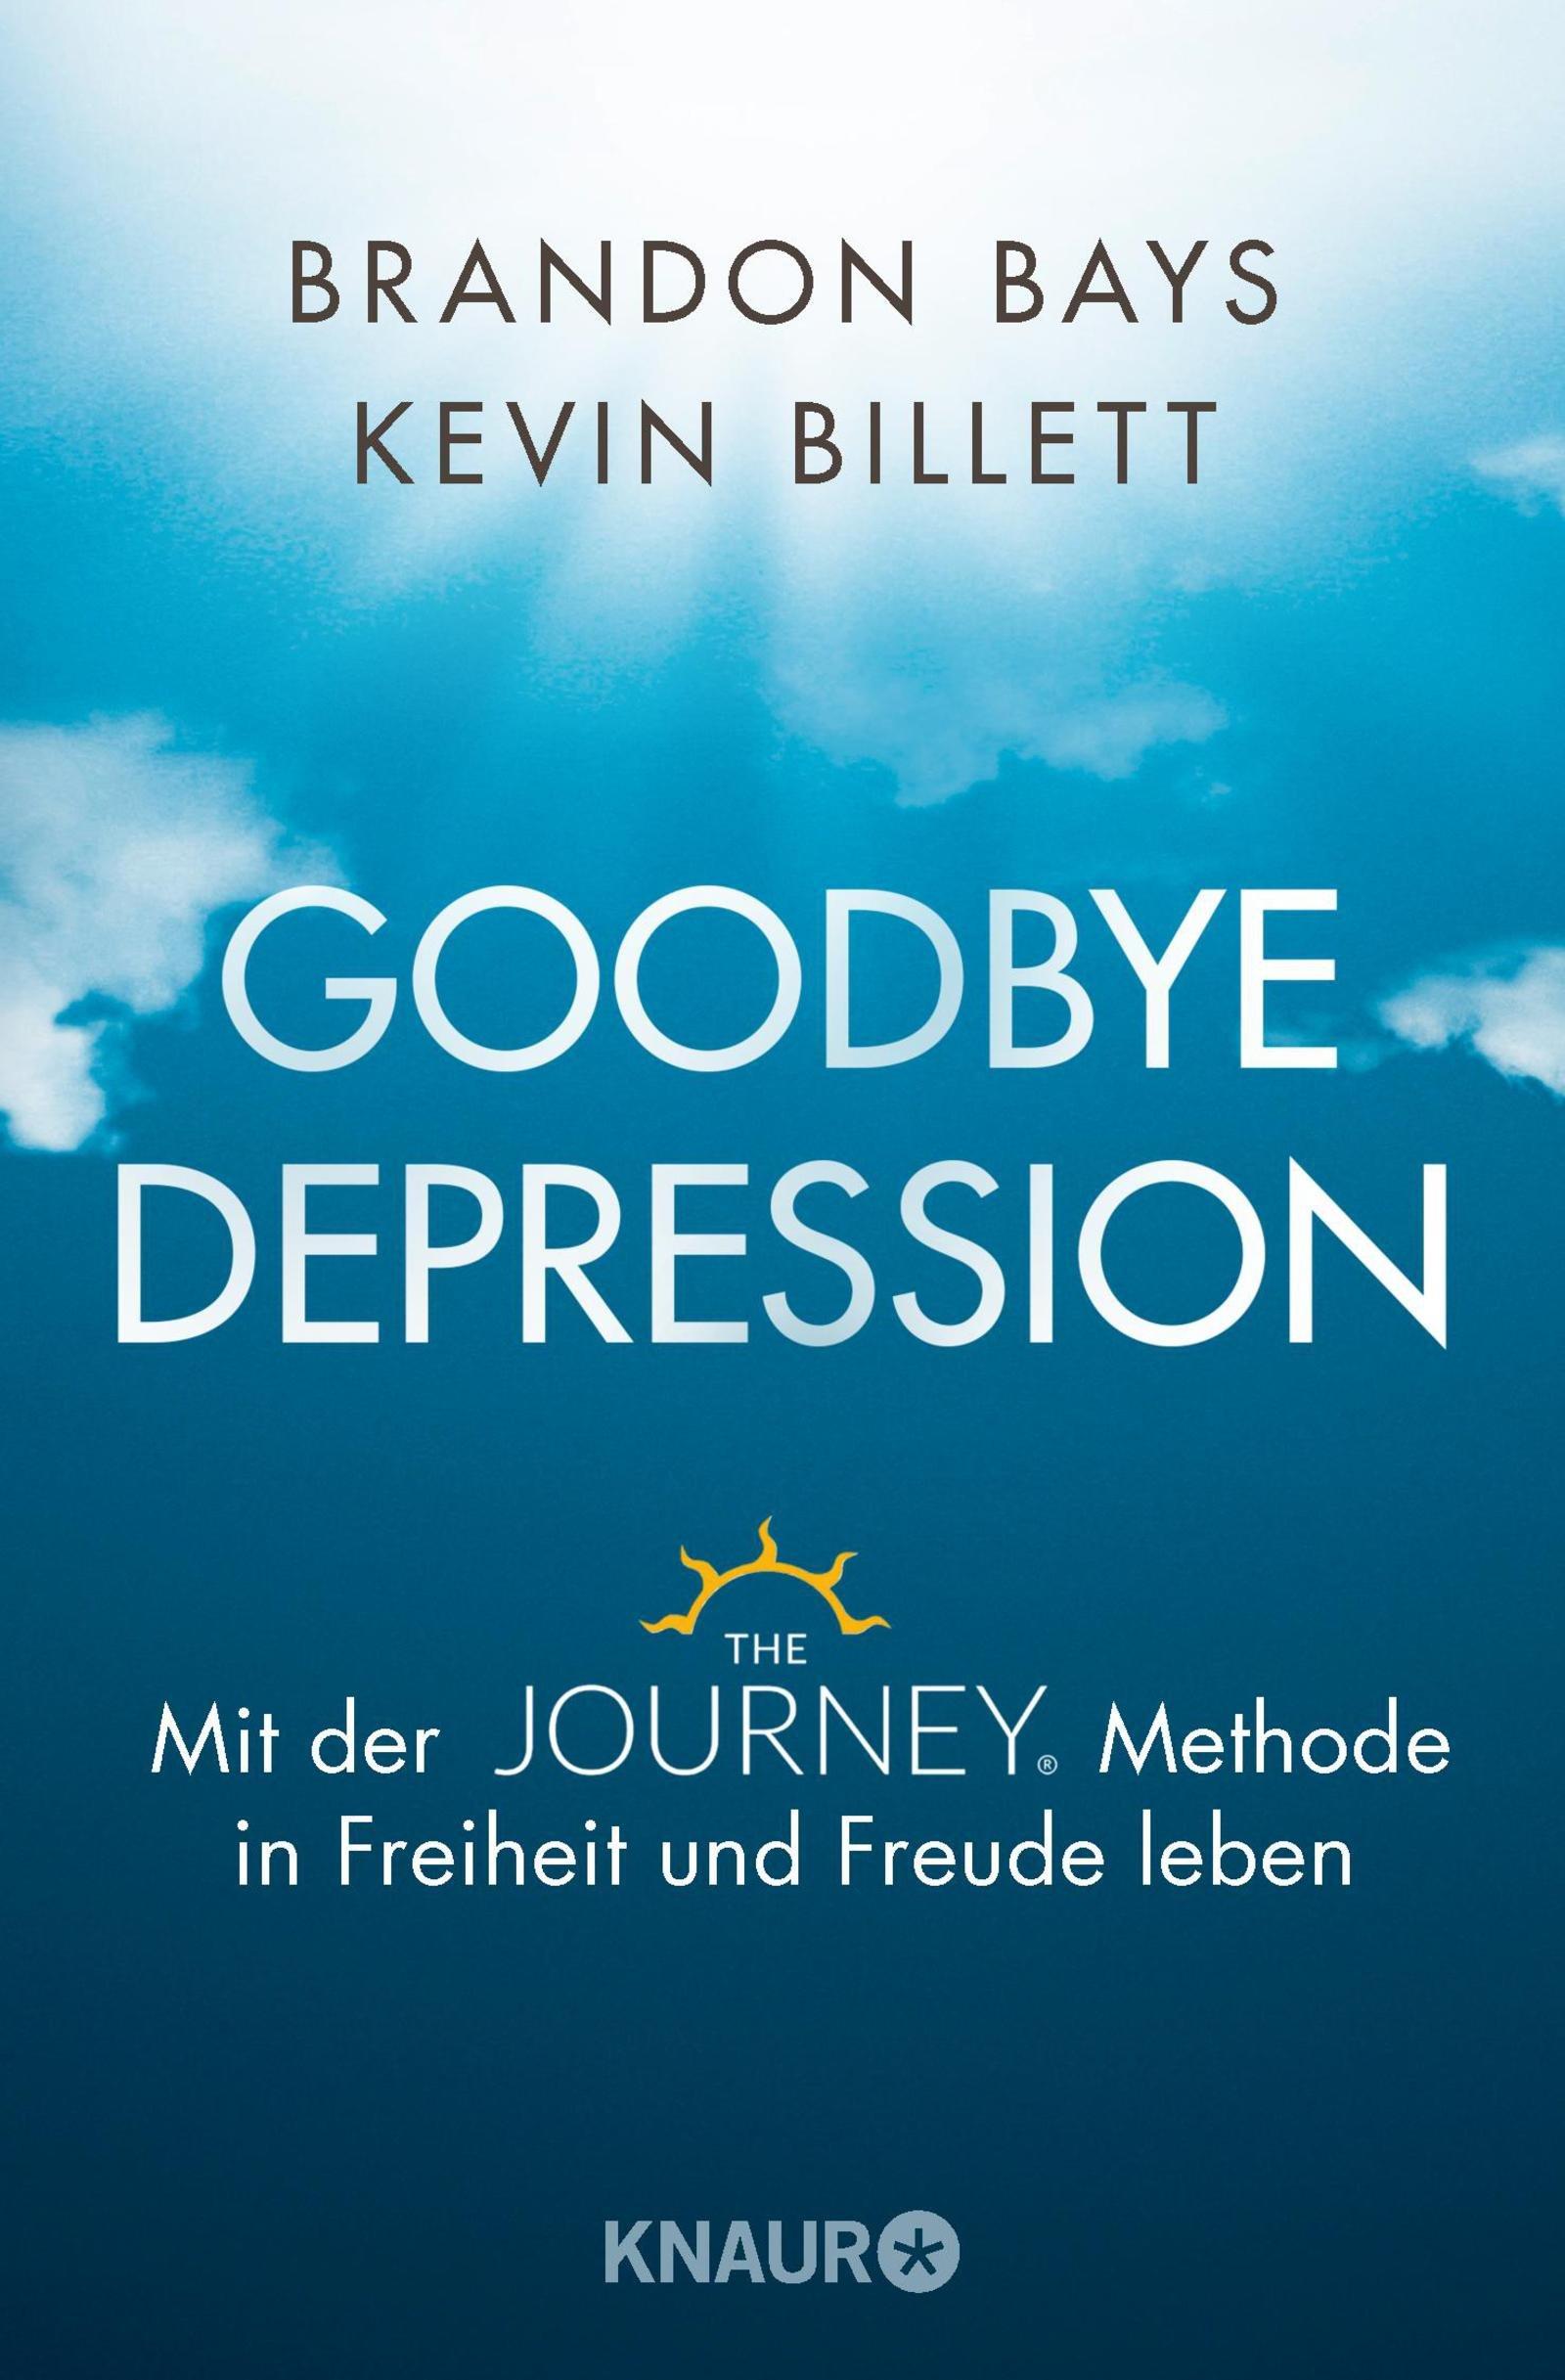 Goodbye Depression: Mit der The JOURNEY  Methode in Freiheit und Freude leben